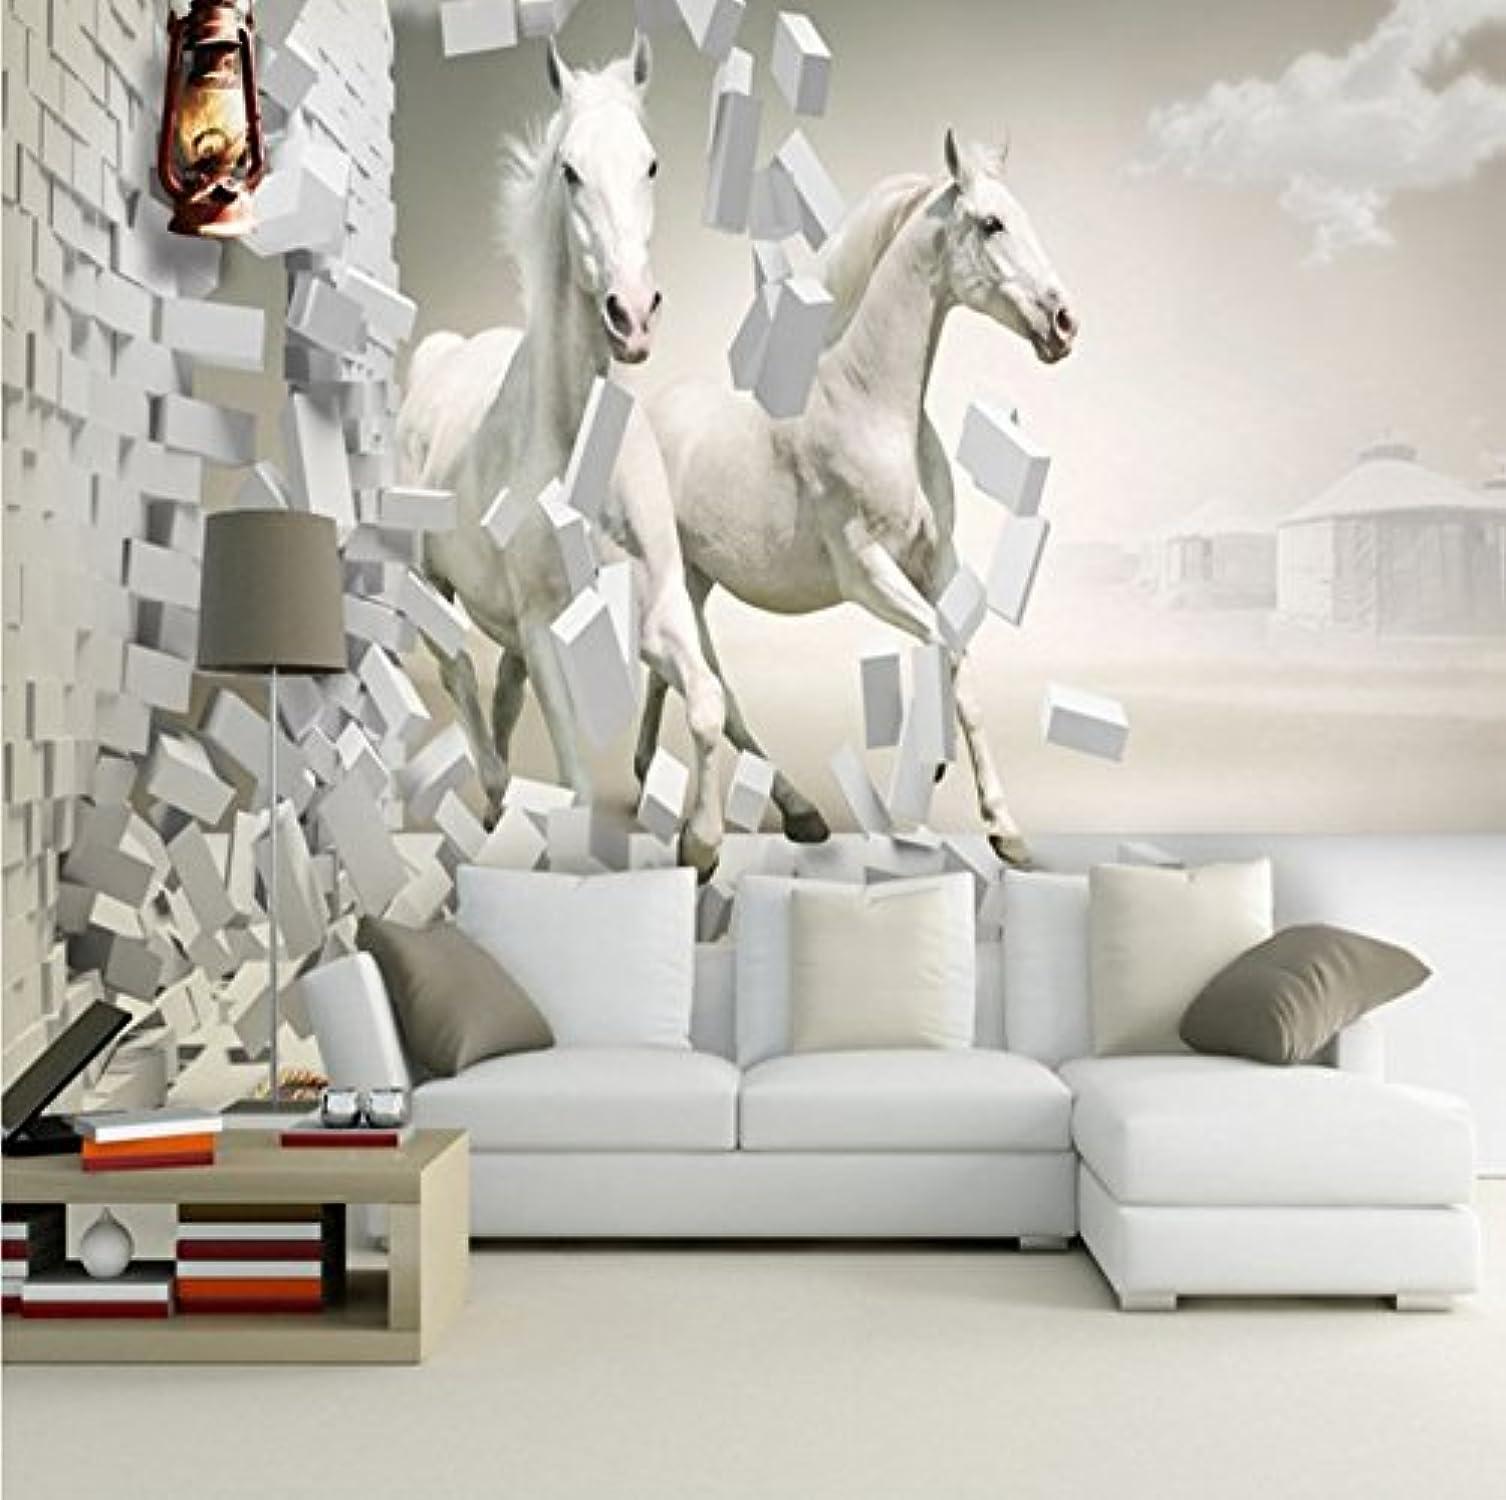 lo último Weaeo Personalizado 3D Photo Wallpaper Non-Woven 3D 3D 3D blanco Horse Gran Muralla Mural Wallpaper Sala De Estar Sofá Tv Murales Decal 3D-200X140Cm  garantizado